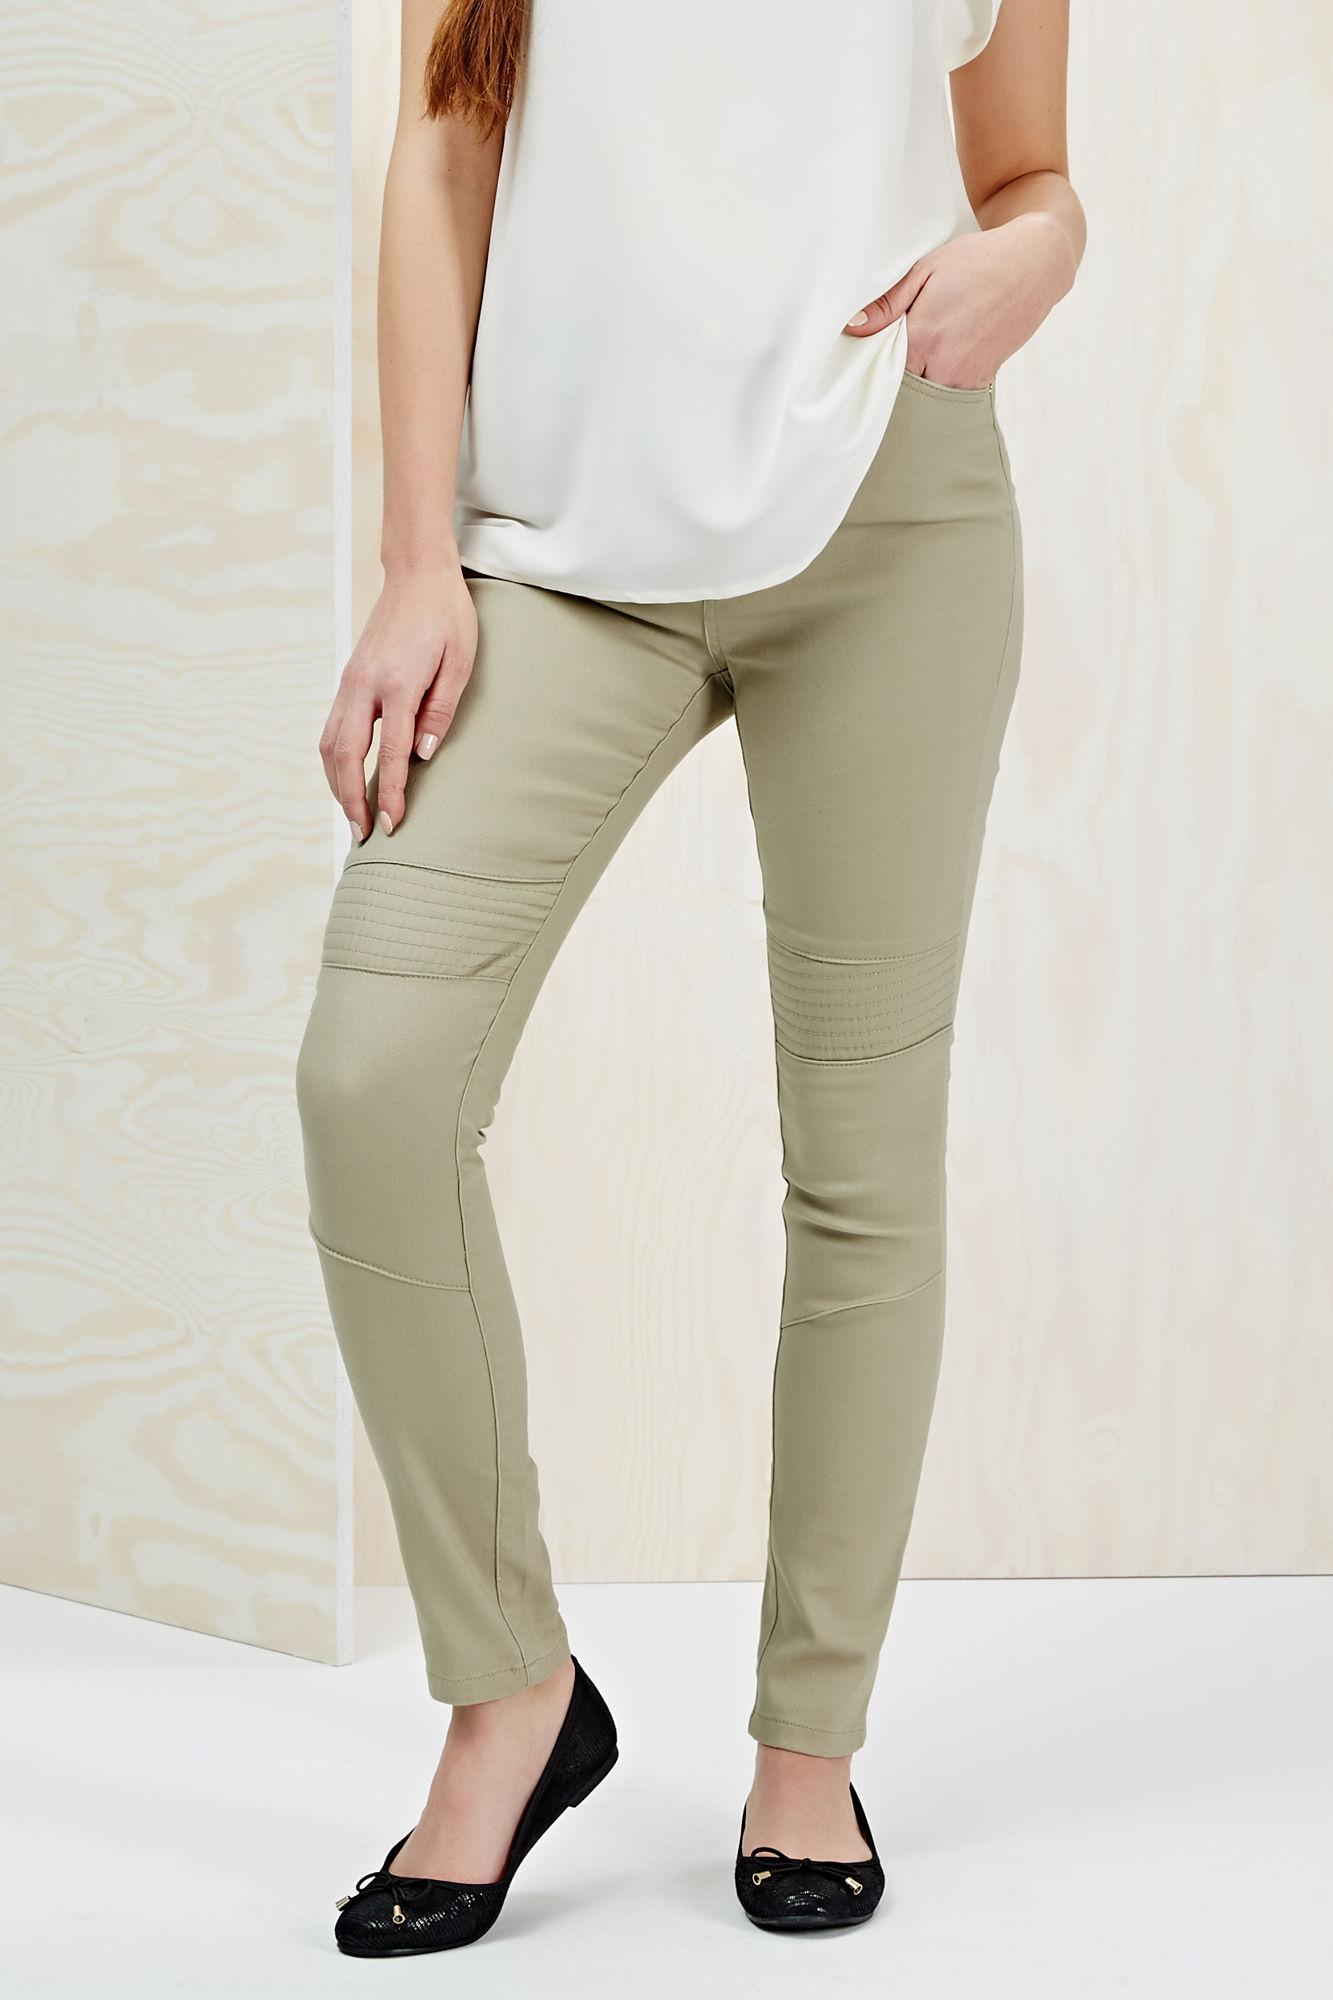 Damskie spodnie za 19,99zł (80zł taniej, r.S) @ Moodo